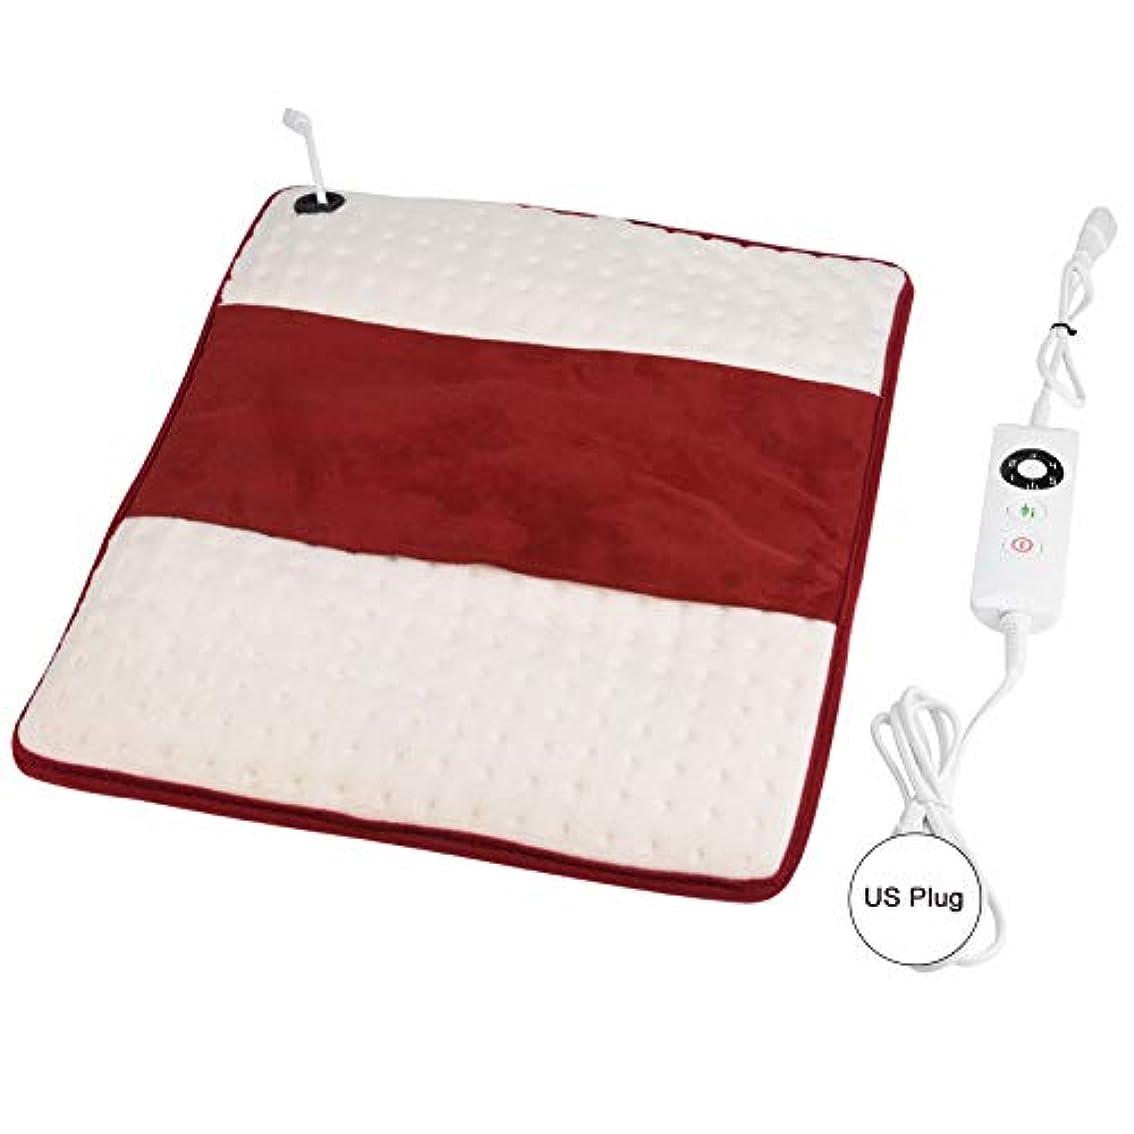 ライトニング複数ロマンス電気暖房のパッド、多機能の電気暖房療法のパッドの洗濯できる腰痛の救助のマット(US Plug)